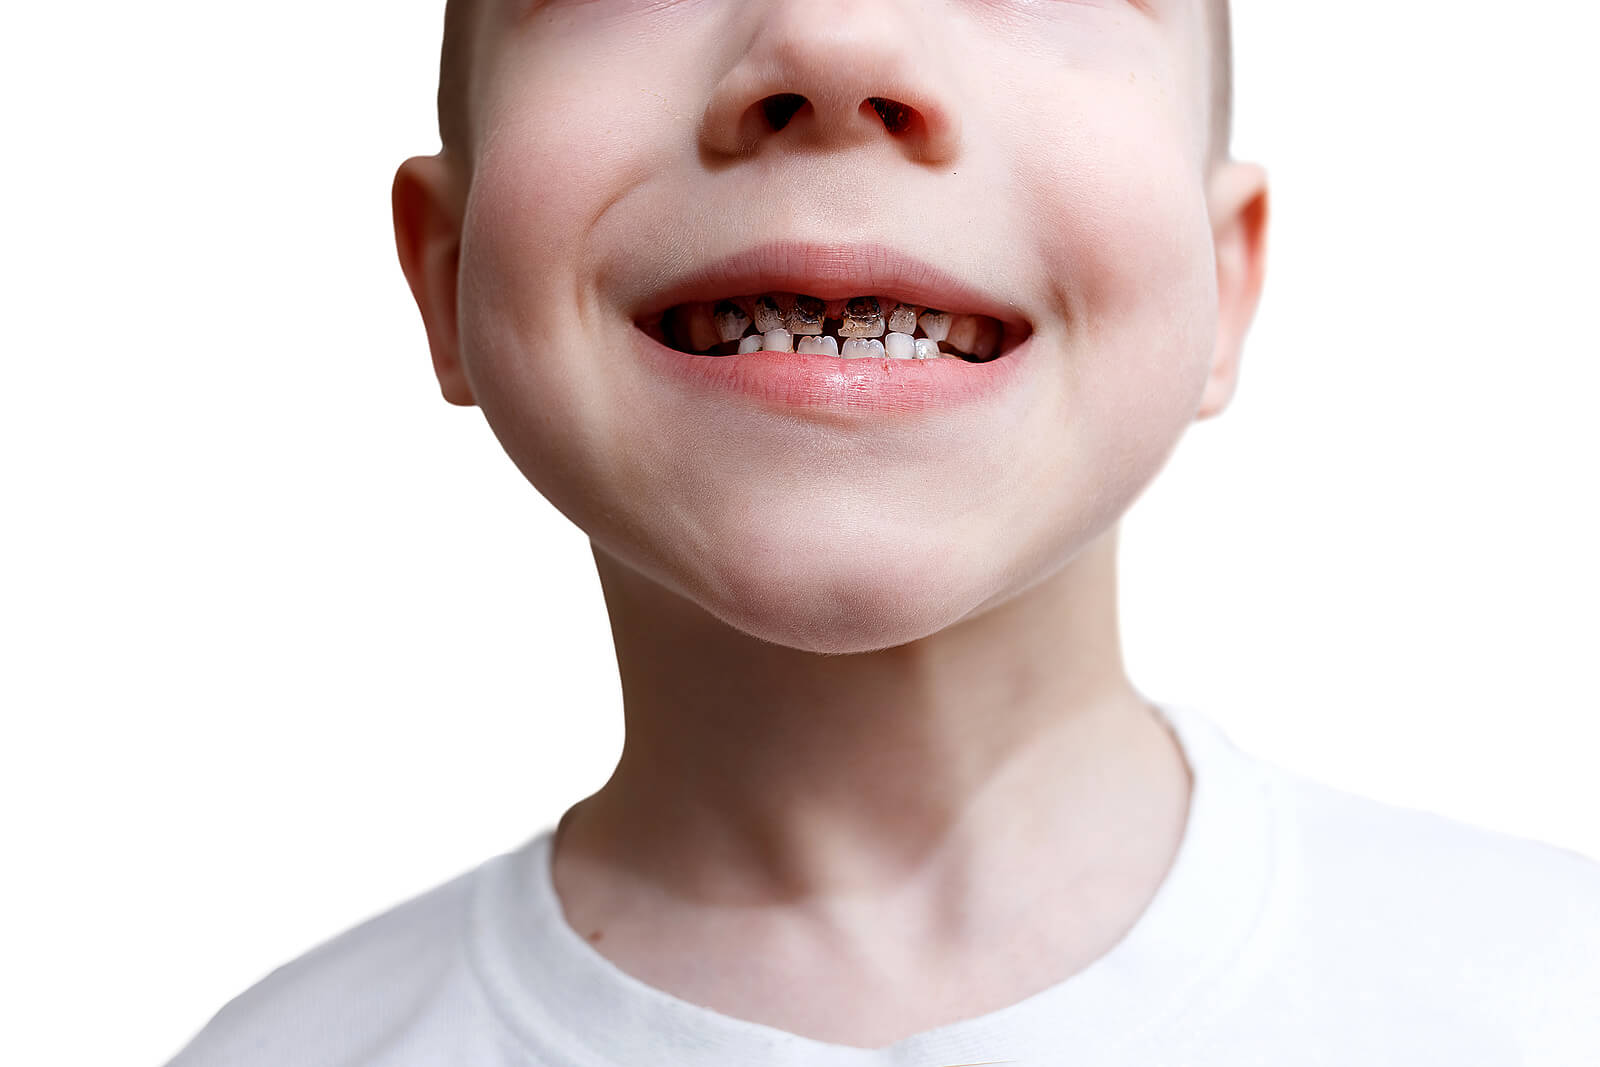 Niño con dientes negros por caries.